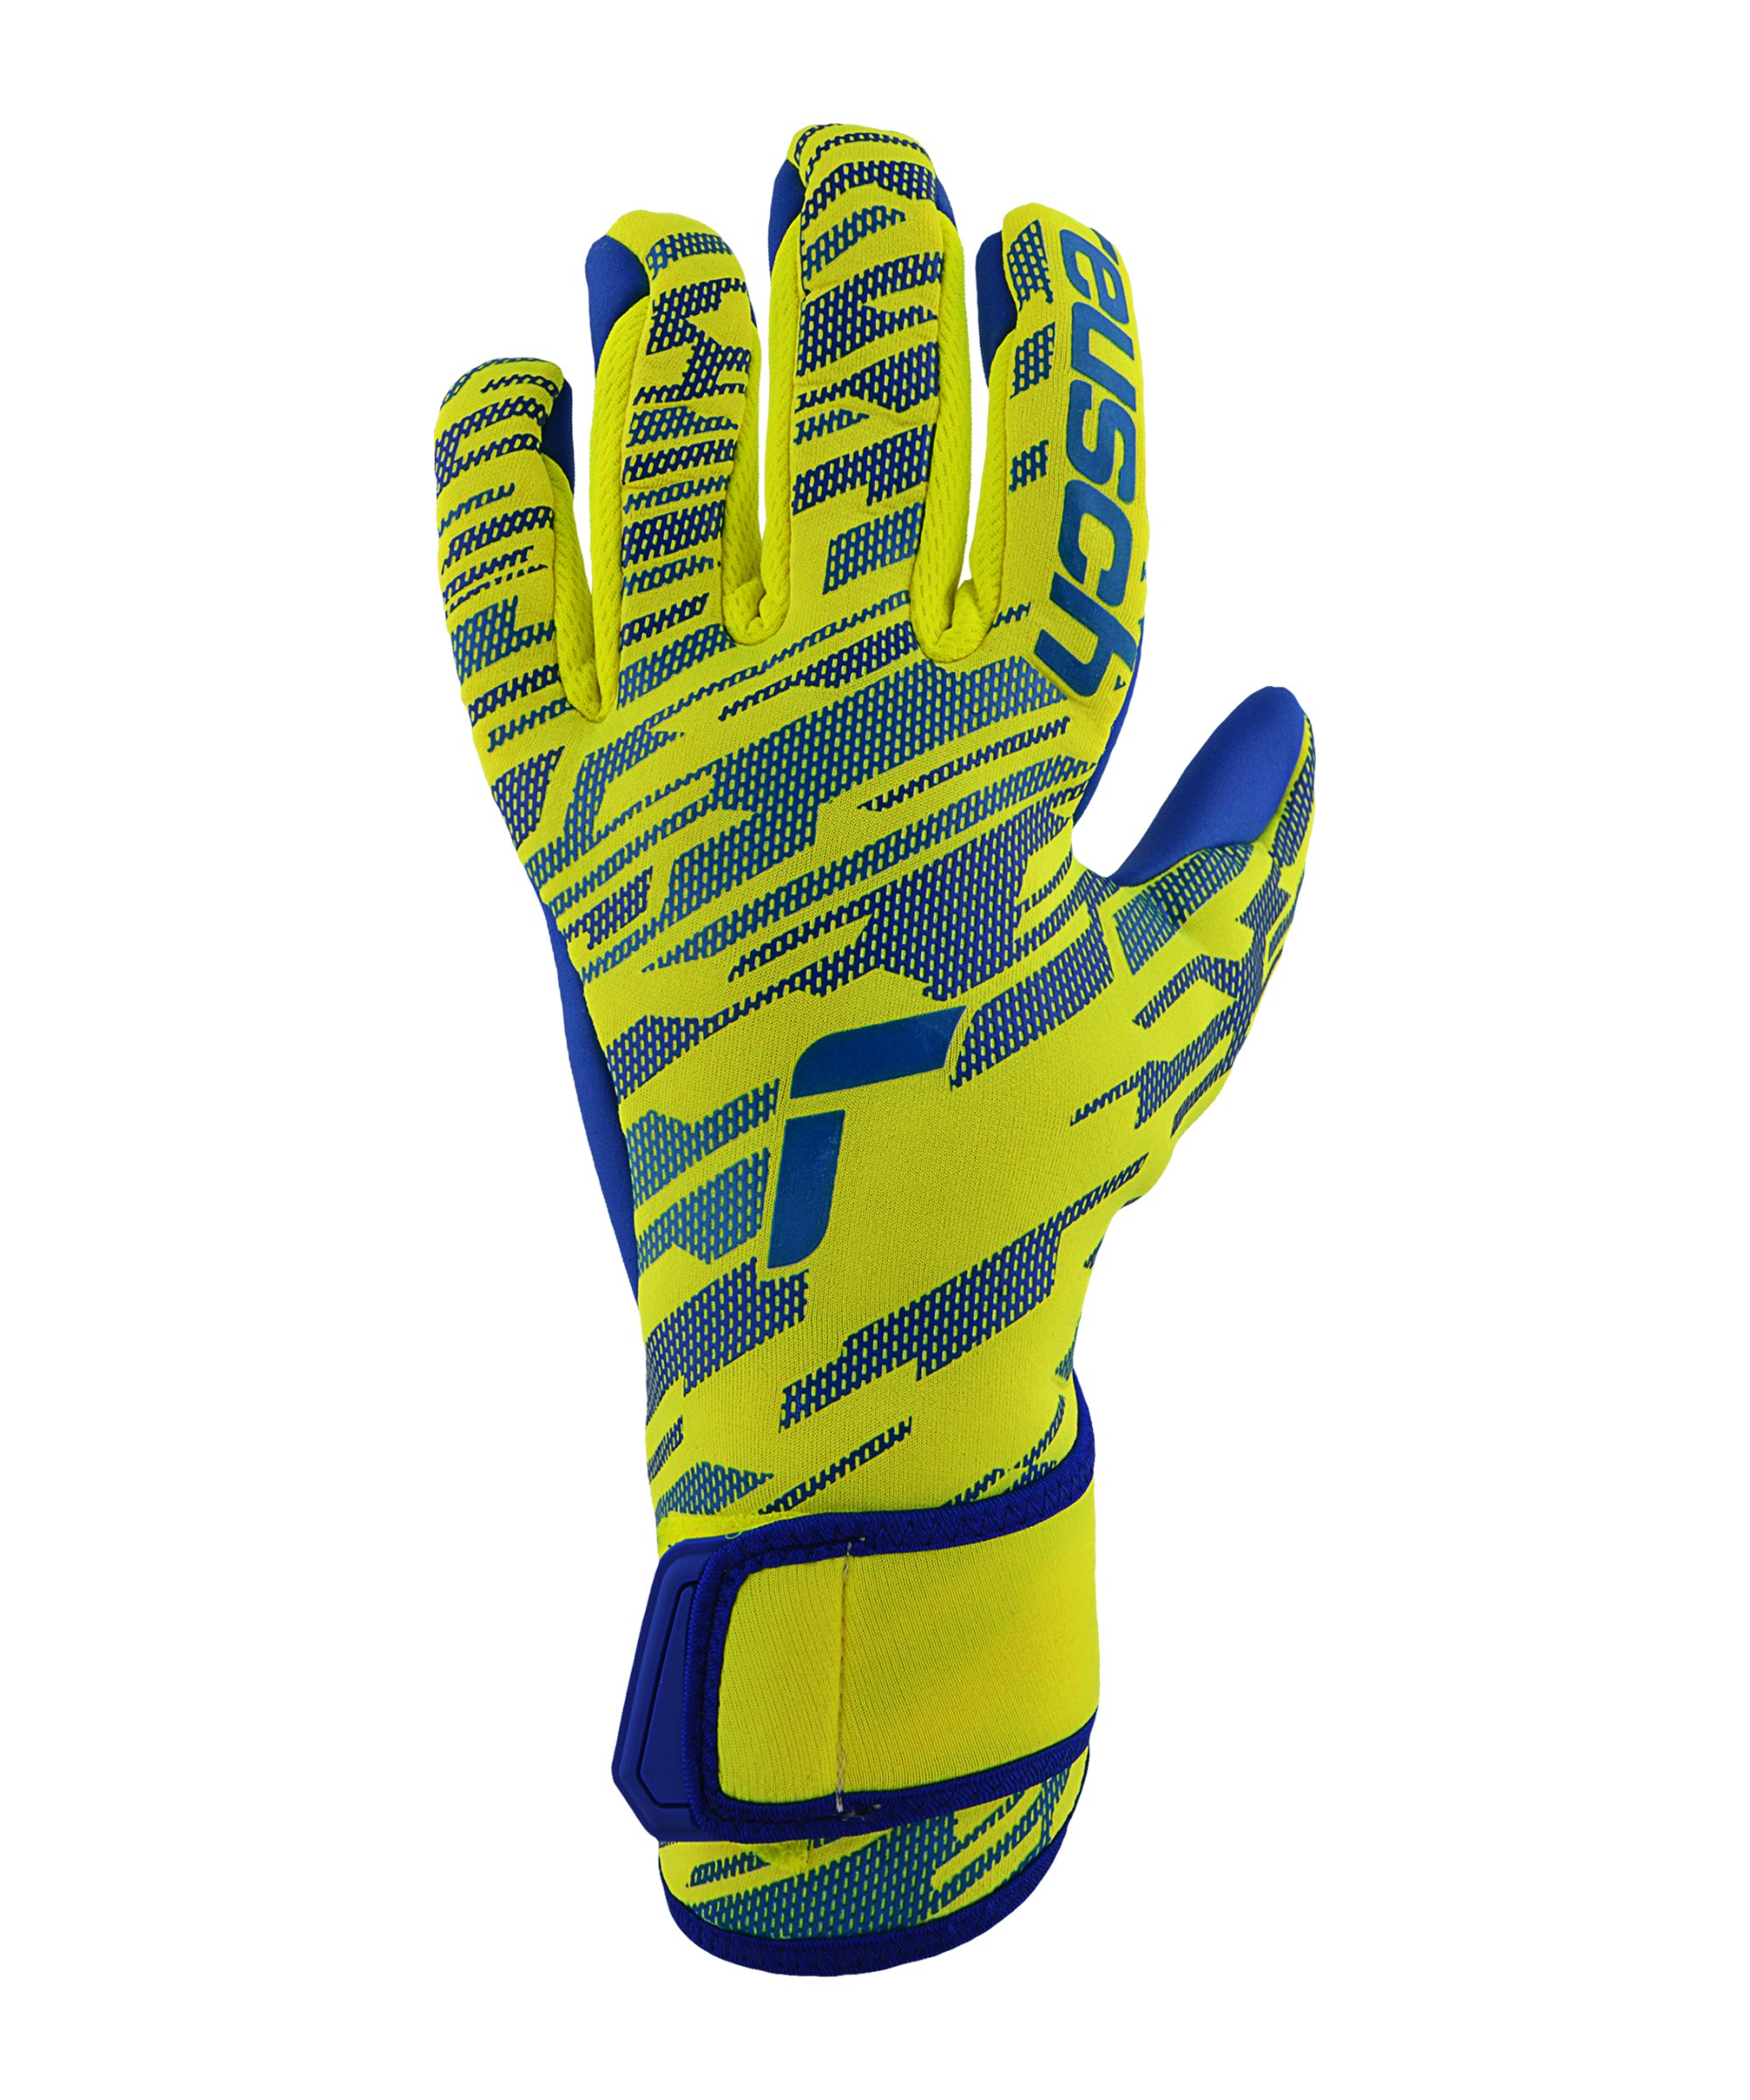 Reusch Pure Contact TW-Handschuh Junior F2199 - gelb